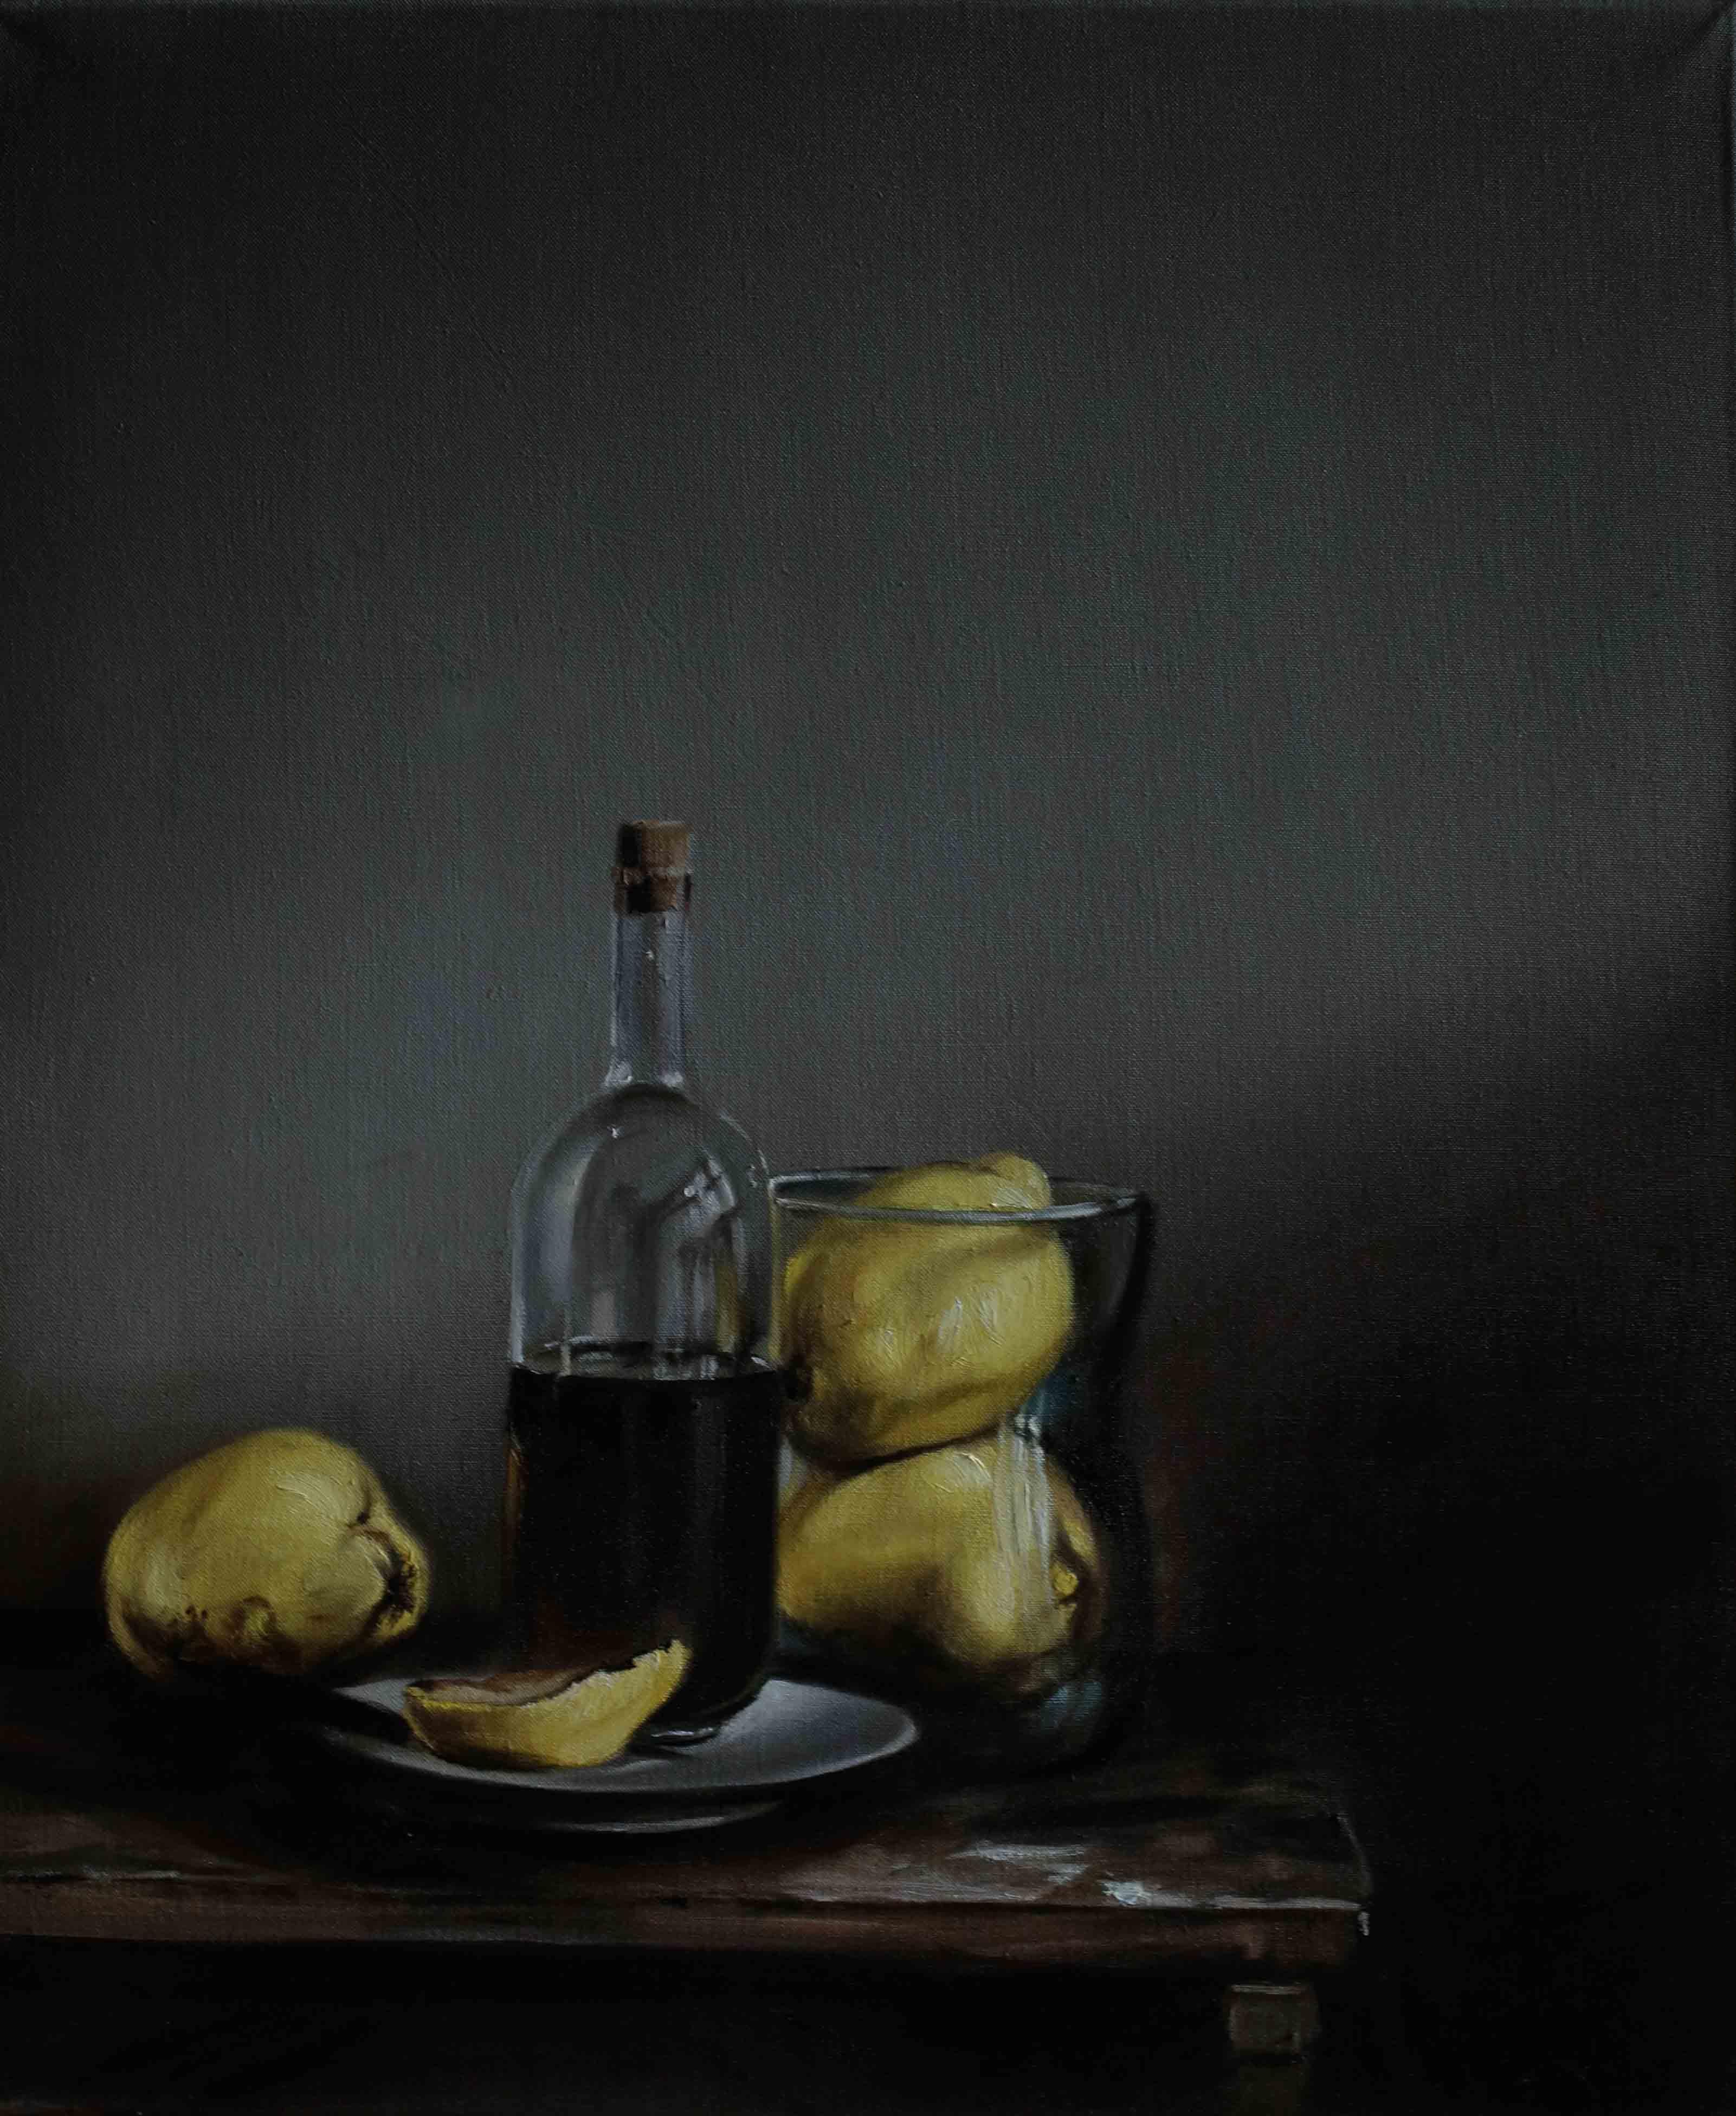 Ölkaraffe und Obst